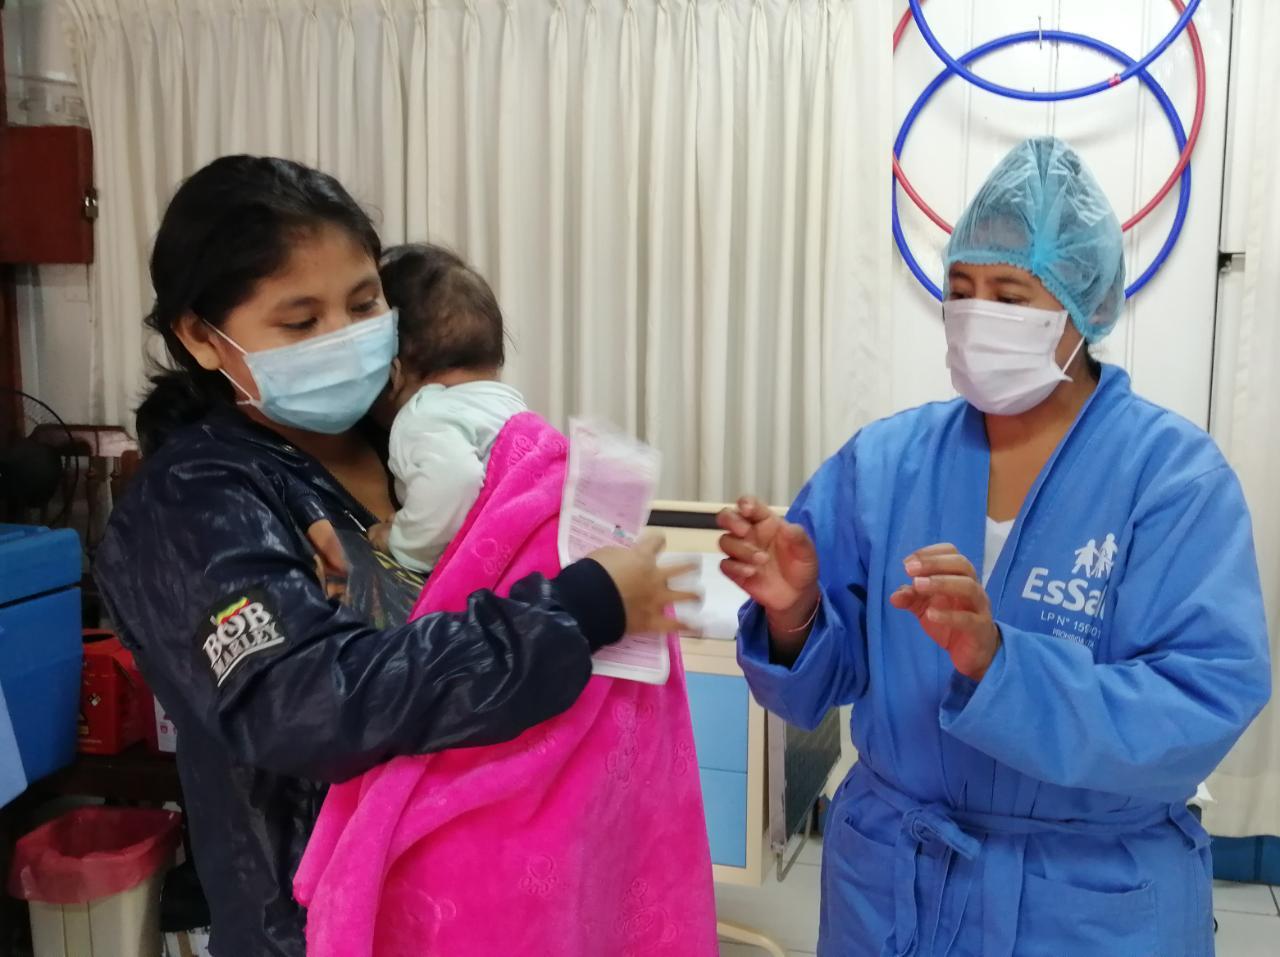 Essalud - EsSalud Madre de Dios inicia el calendario de vacunación para niños asegurados